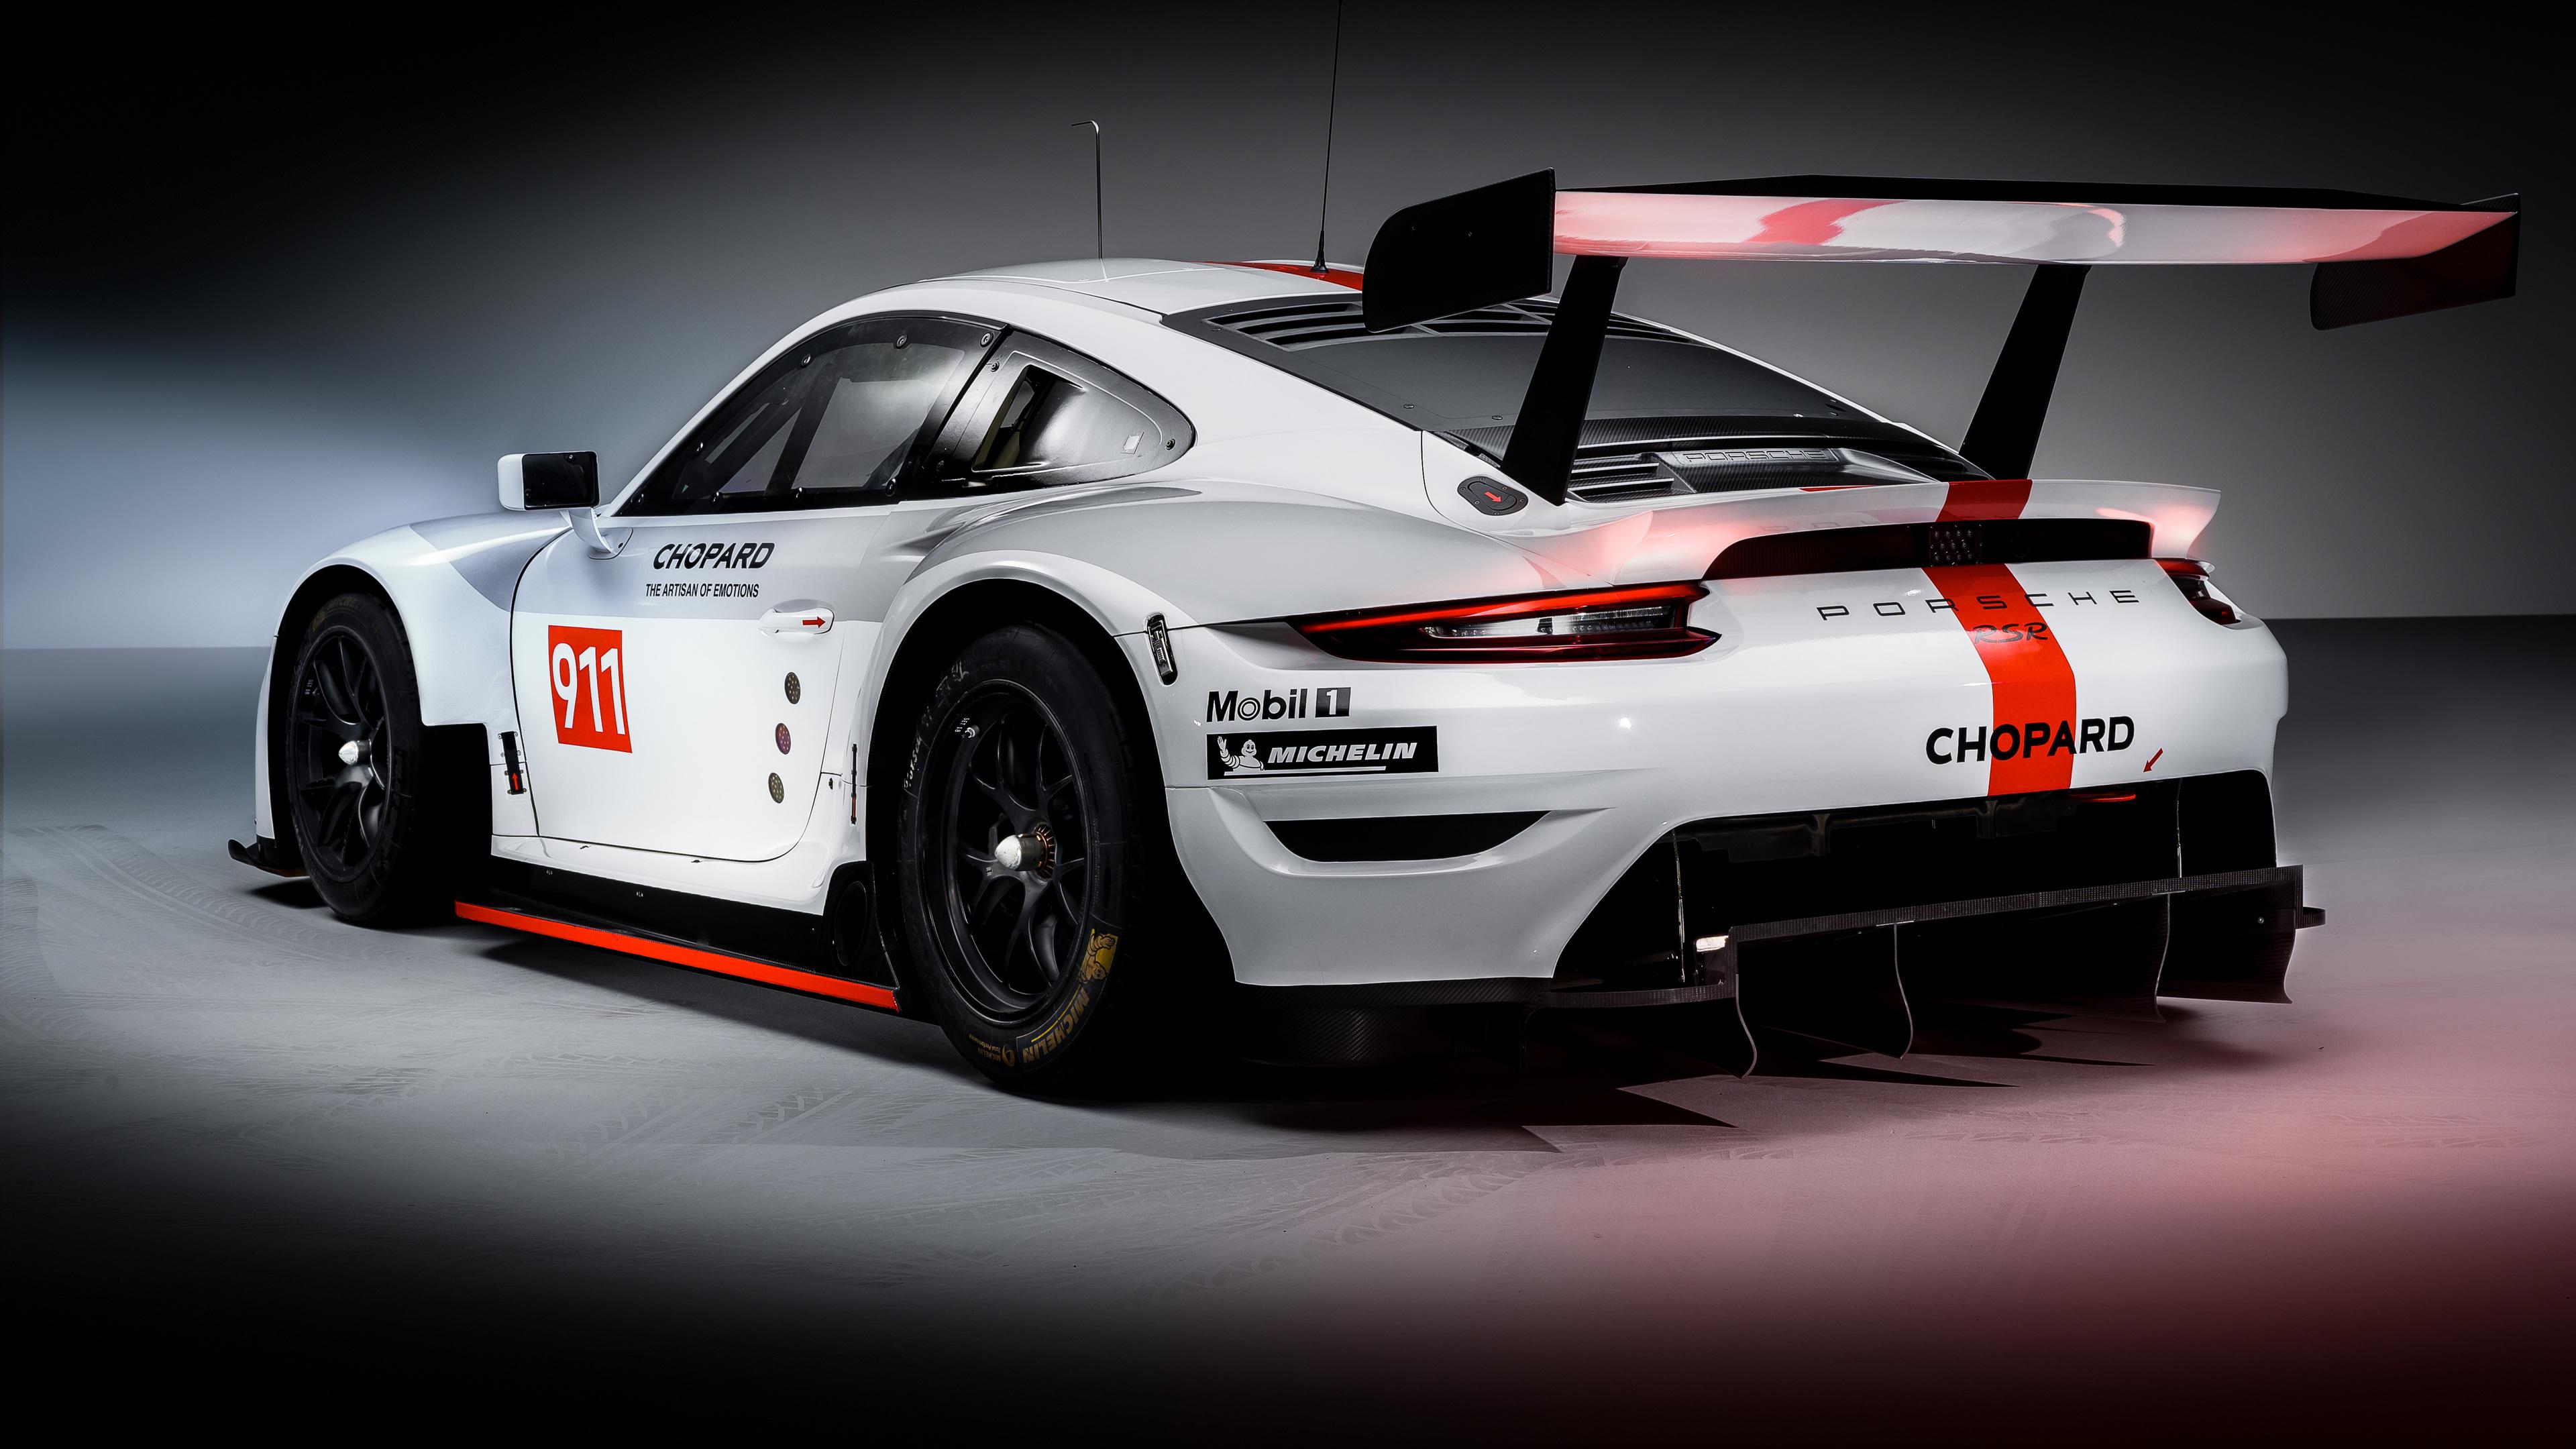 Wallpaper 4k 2019 Porsche 911 Rsr 2019 Cars Wallpapers 4k Wallpapers 5k Wallpapers Cars Wallpapers Hd Wallpapers Porsche 911 Rsr Wallpapers Porsche Wallpapers